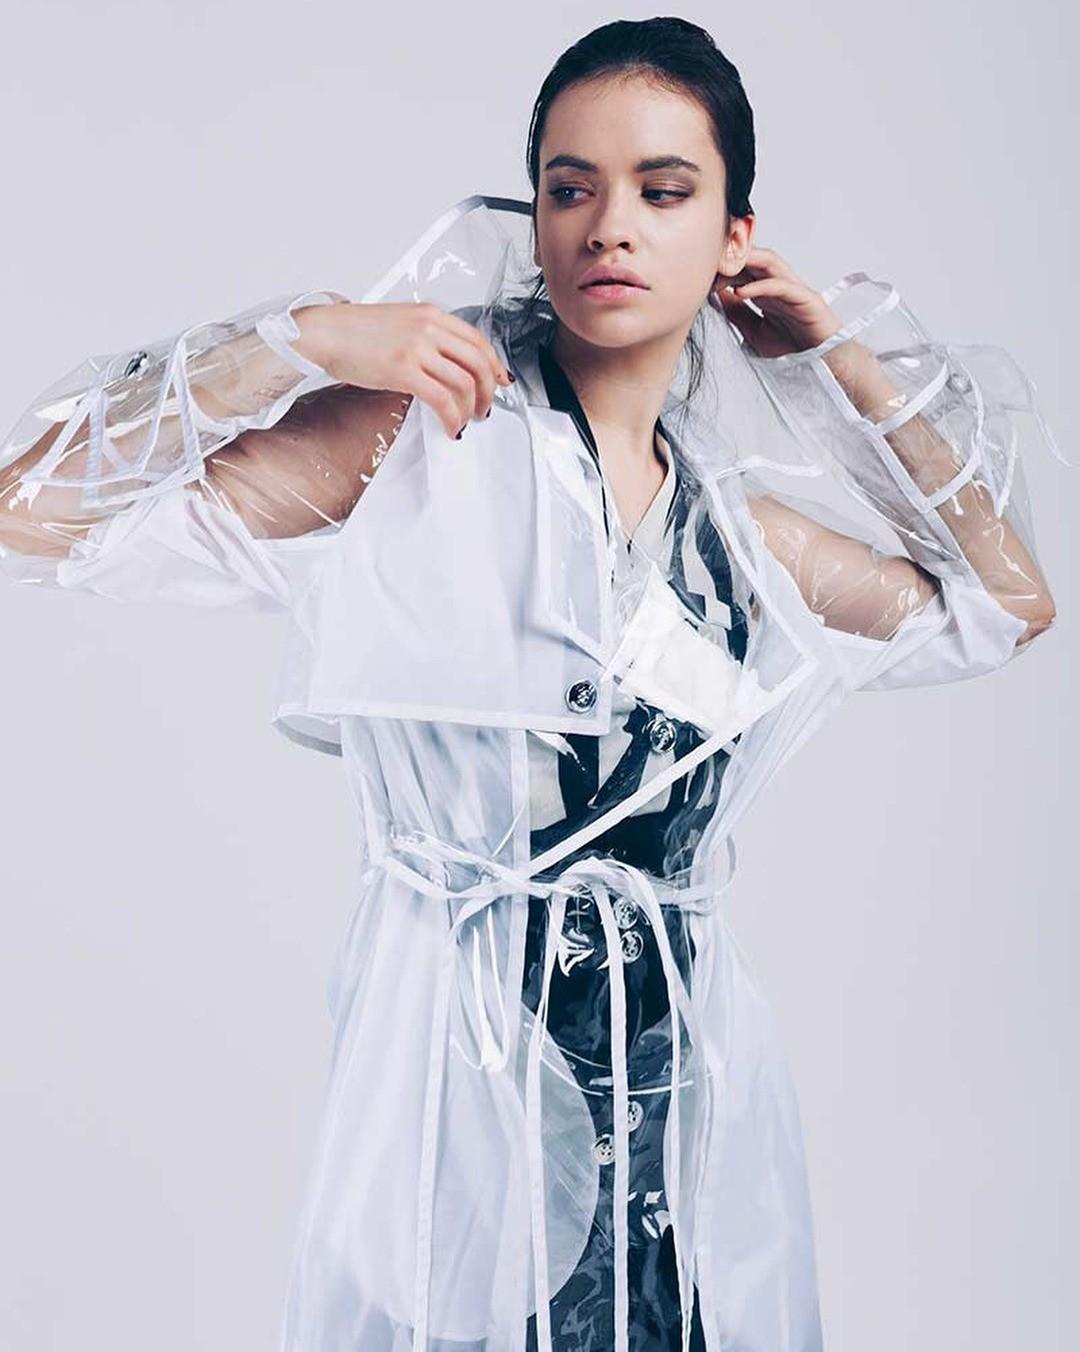 Прозрачный тренч также идеально сочетается софициальным стилем водежде. Ты можешь смело носить его со строгими платьями-футлярами, юбками-карандаш, белыми рубашками илодочками. Длясоз...